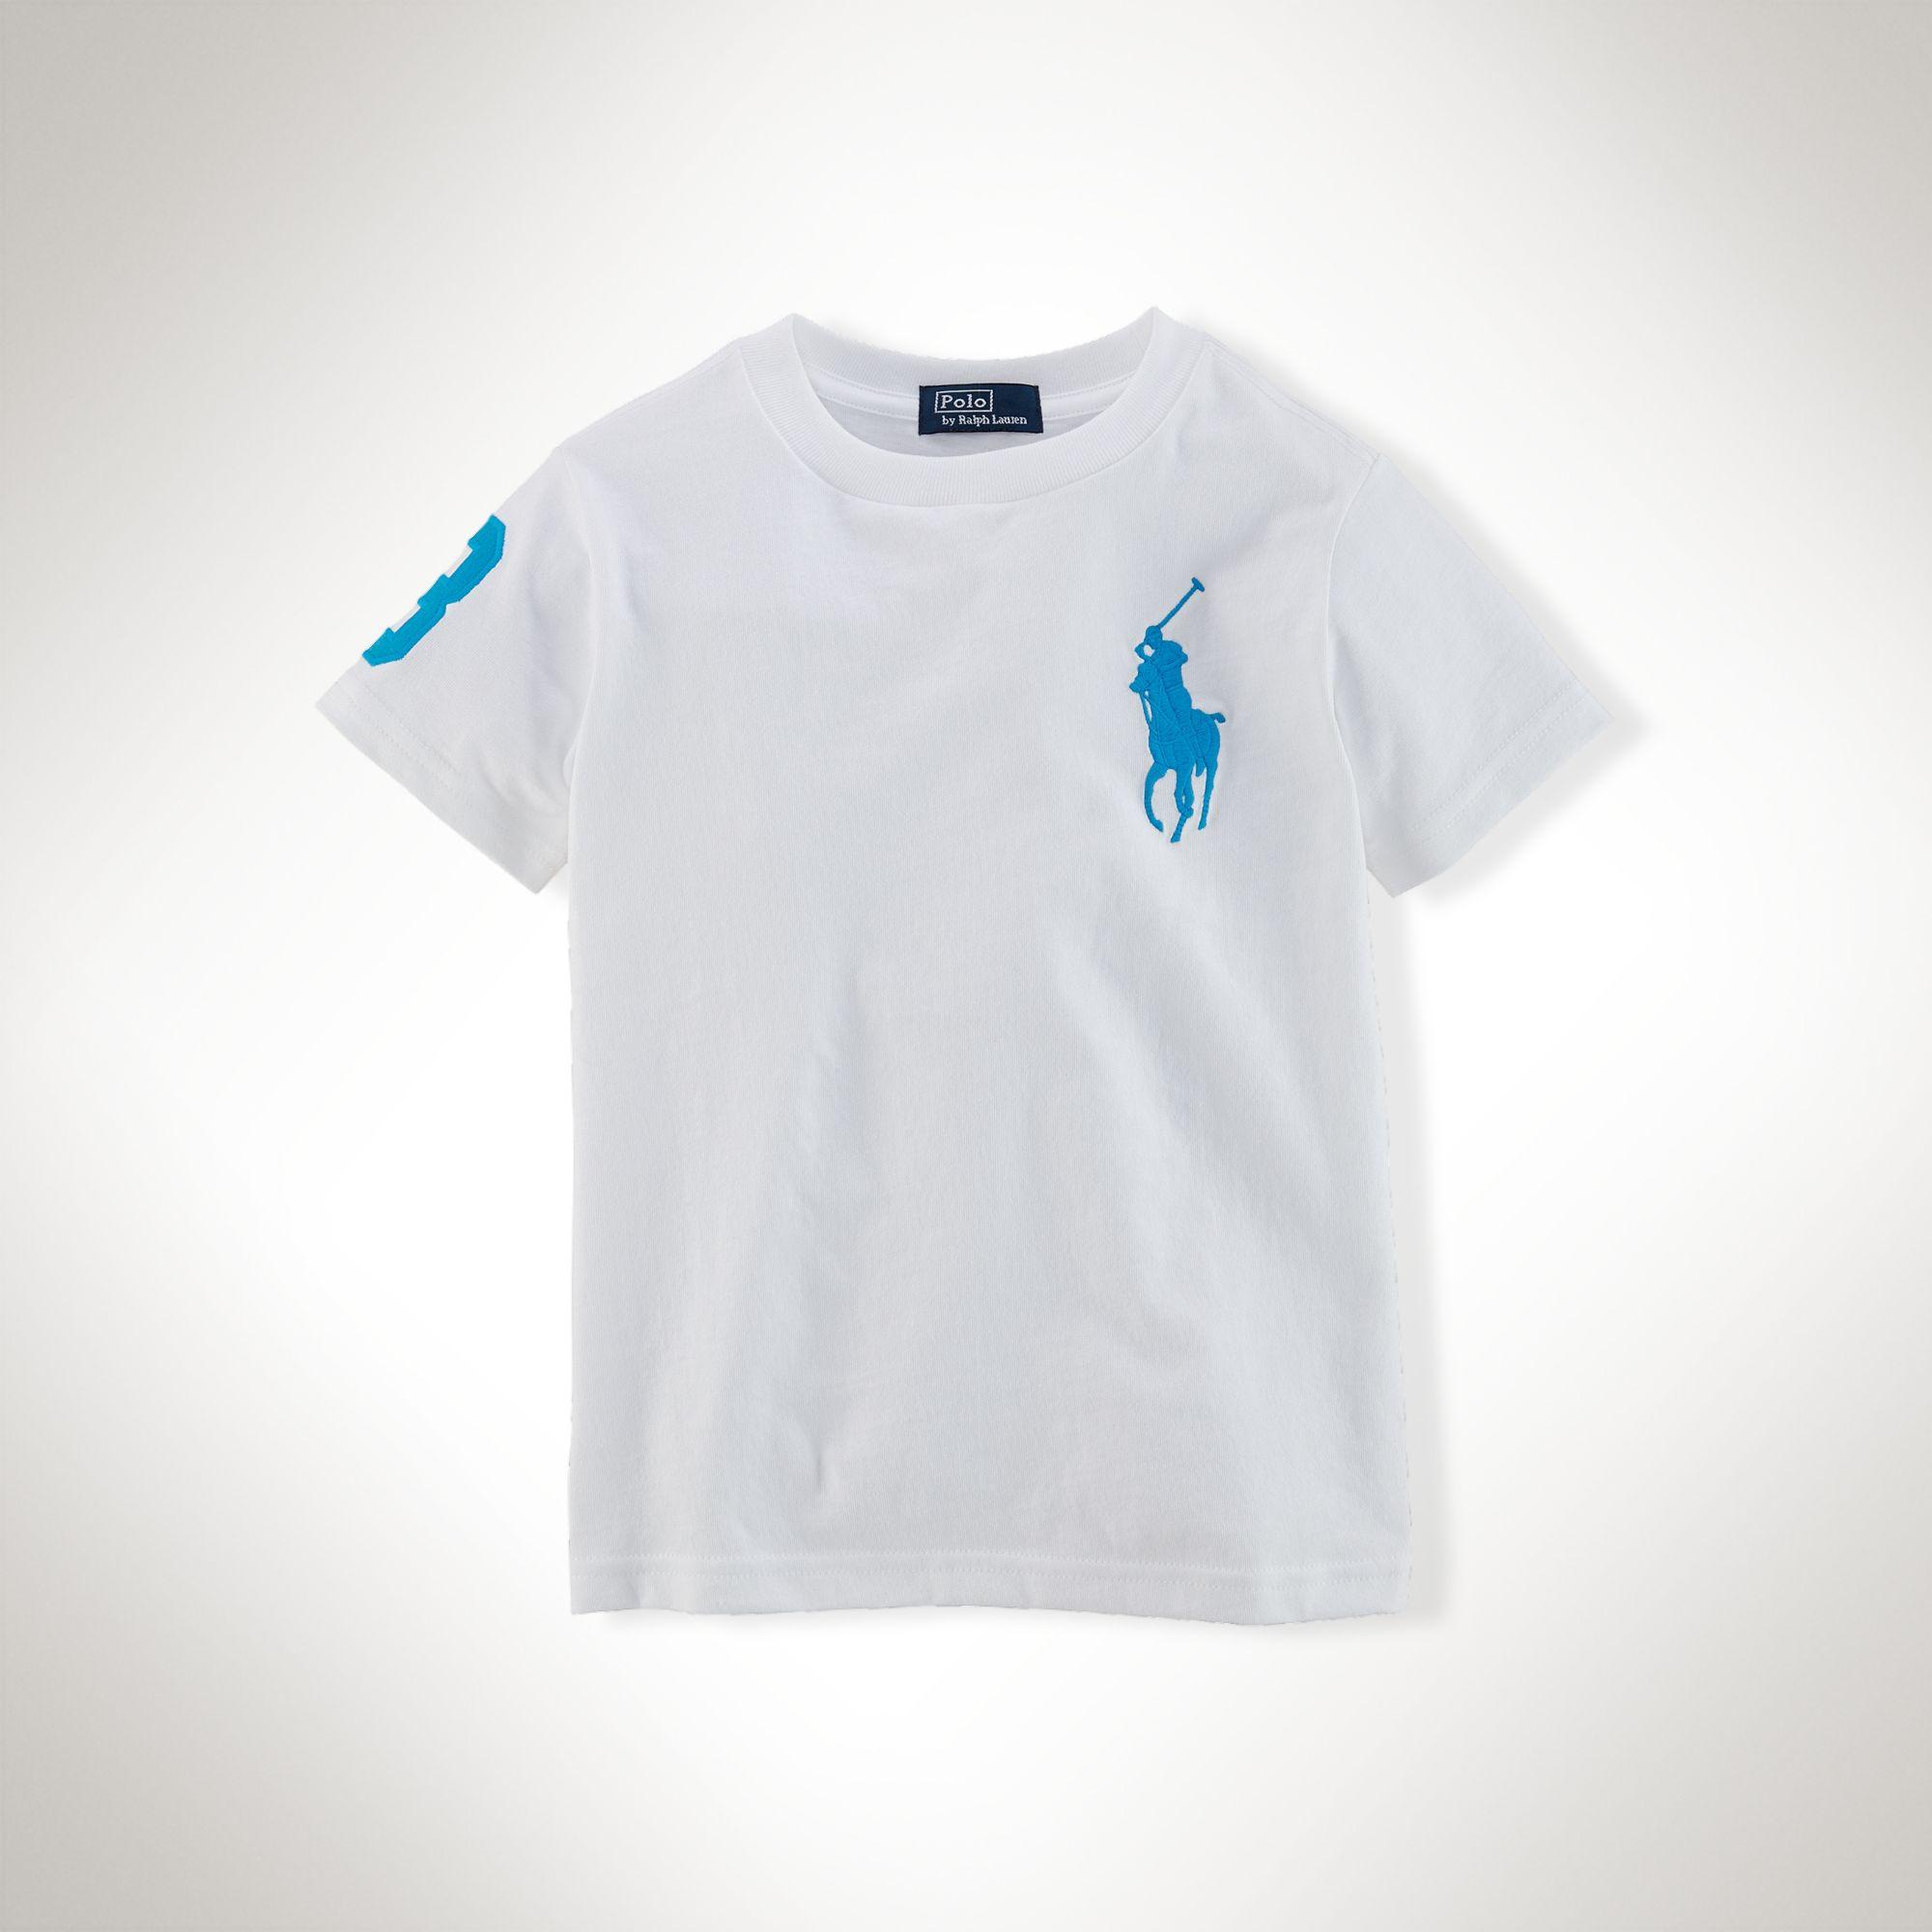 美國百分百【全新真品】Ralph Lauren T恤 男衣 RL 短袖 白 上衣 T-shirt Polo 大馬 XS S號 E102